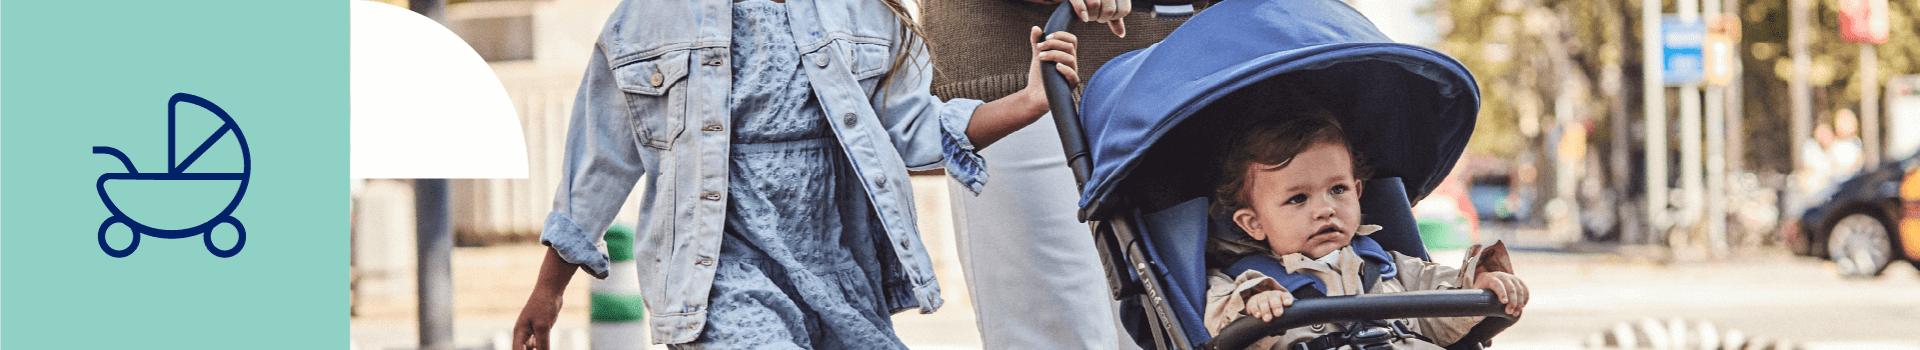 Cochecitos Jané | Los mejores carritos de bebé | Janéworld